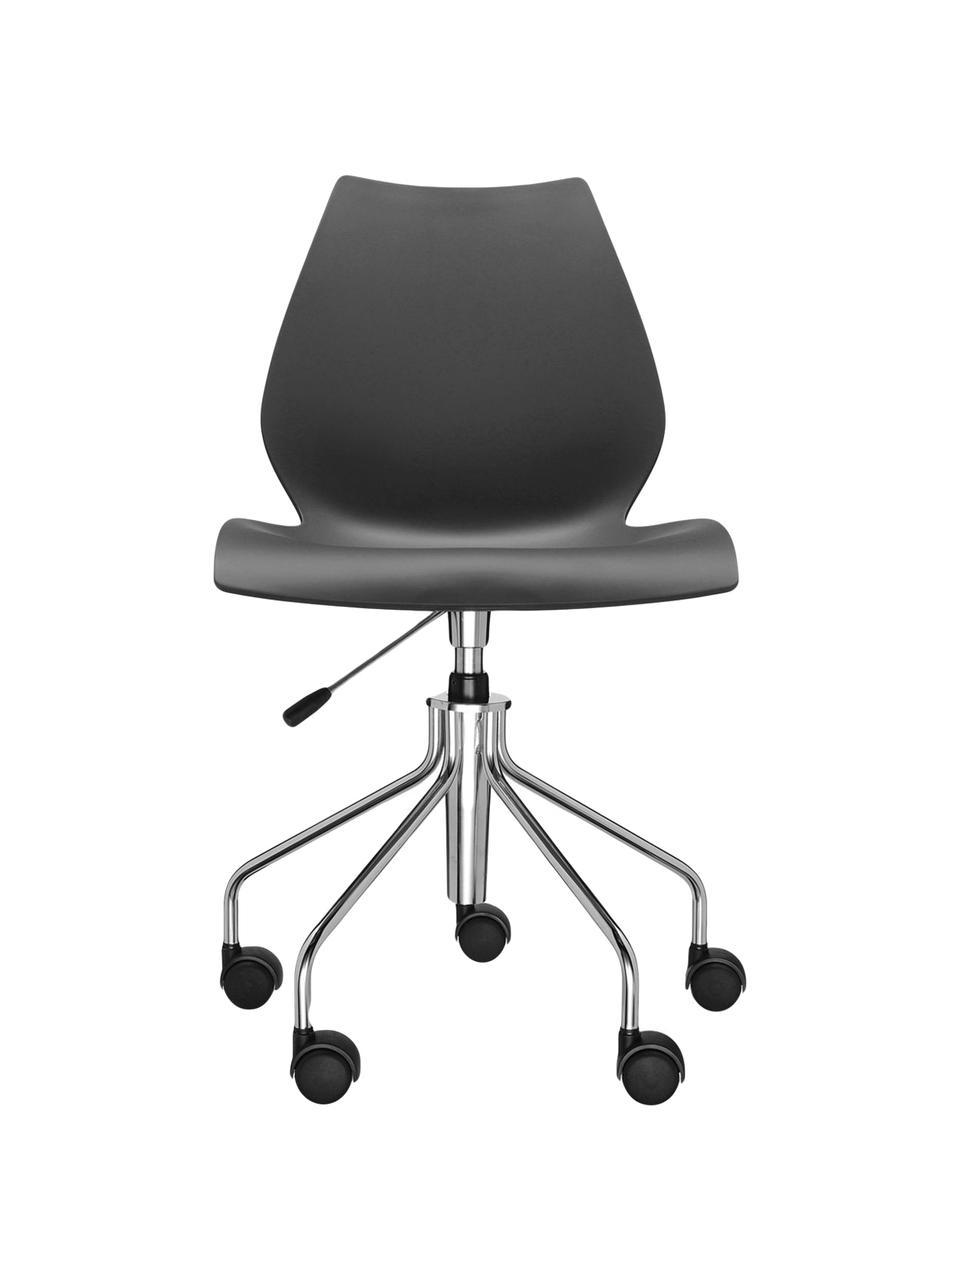 Schwarzer Bürodrehstuhl Maui, höhenverstellbar, Gestell: Stahl, verchromt, Sitzfläche: Polypropylen, Schwarz, Chrom, B 58 x T 52 cm